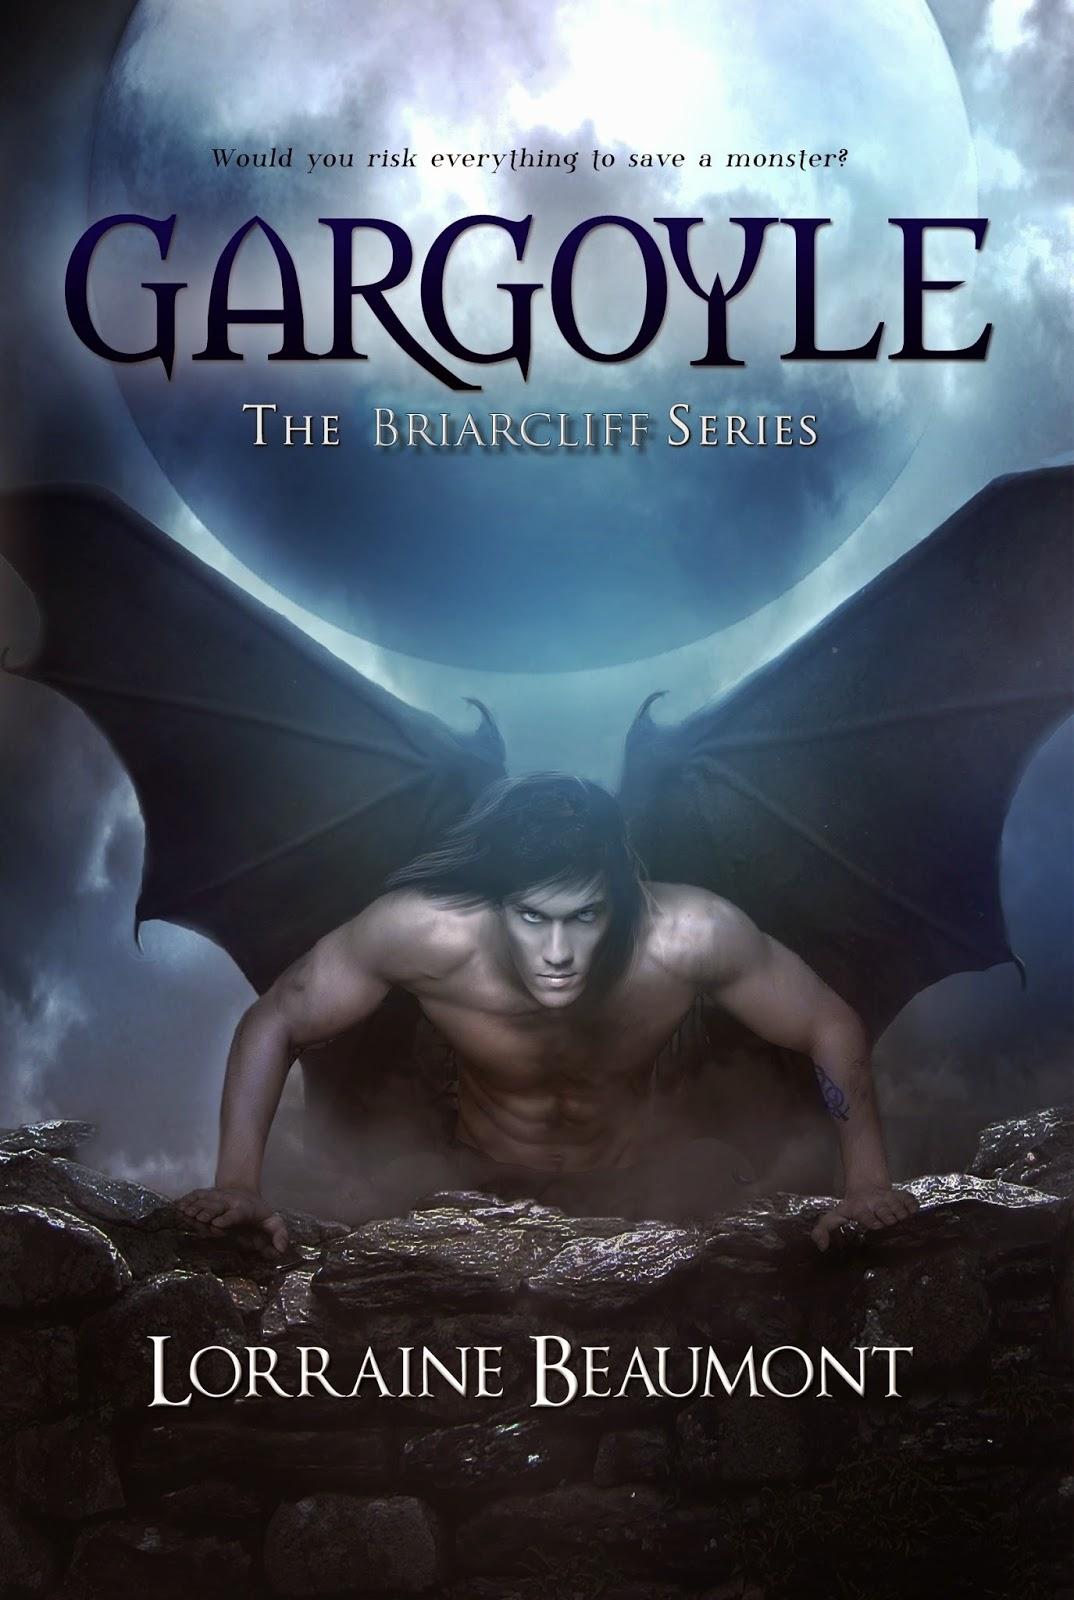 https://www.goodreads.com/book/show/15989458-gargoyle